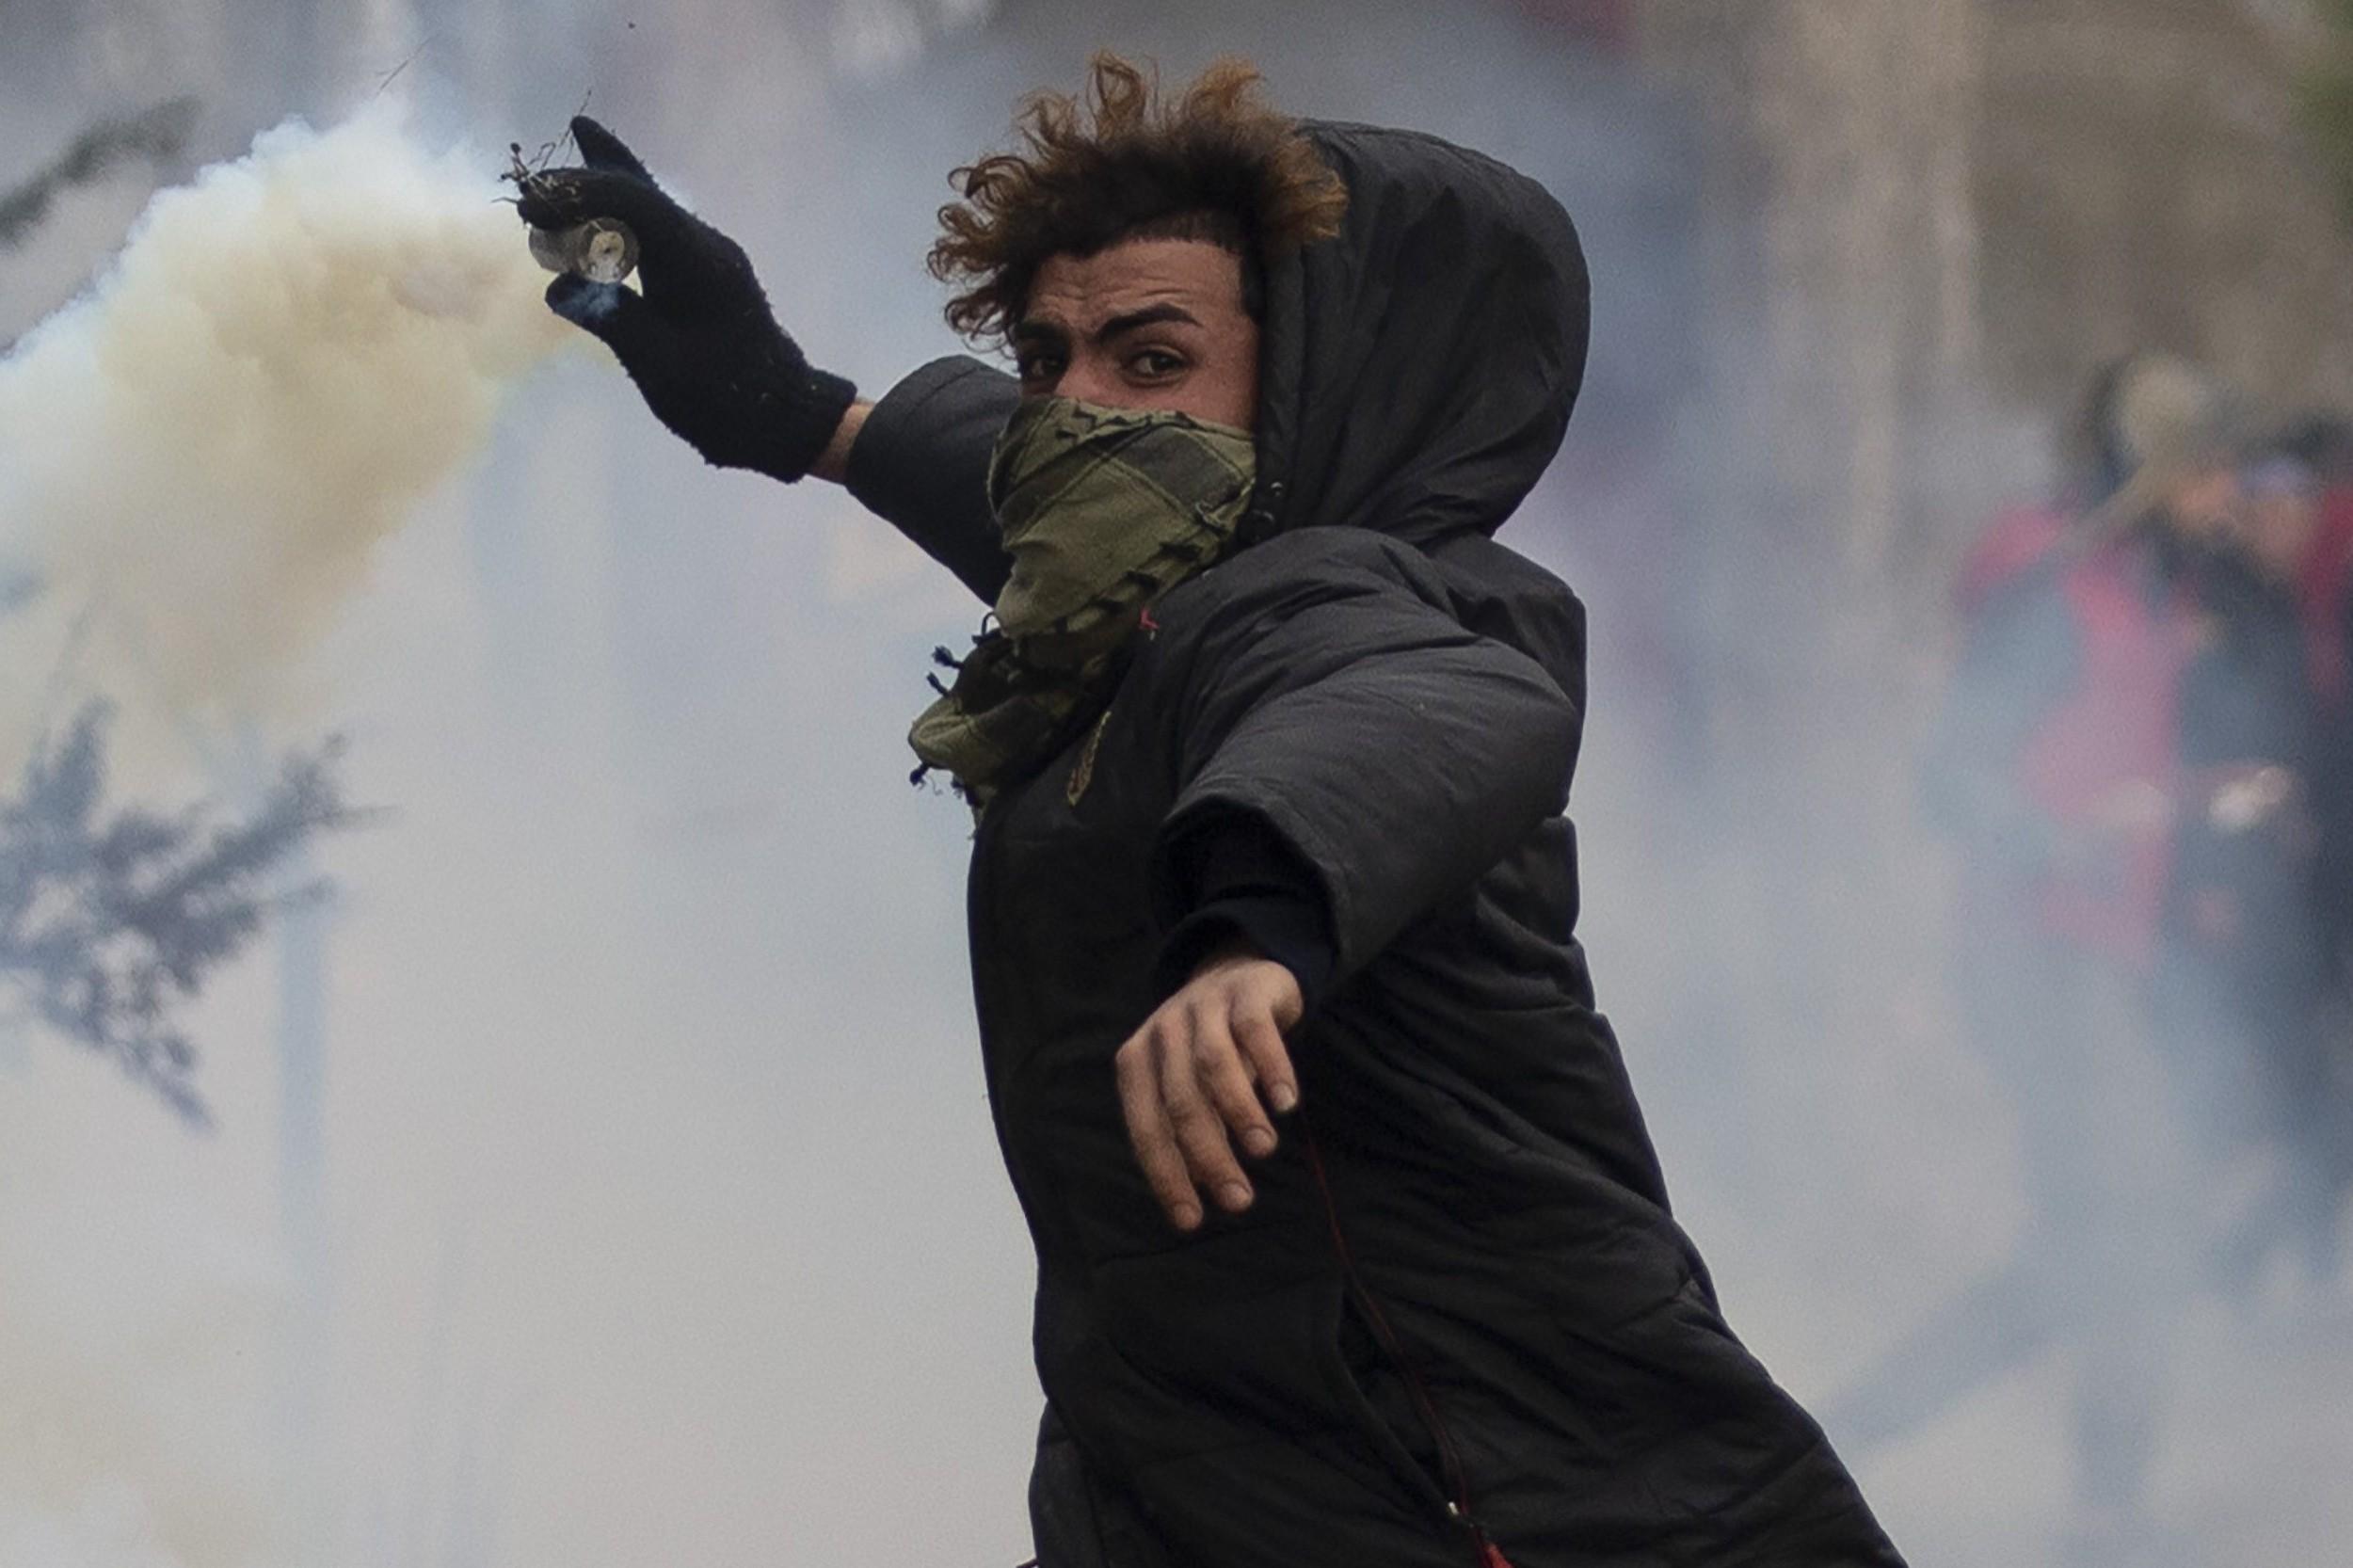 Jedan od migranata na grčko-turskoj granici pokušava da probije zaštitnu ogradu (Foto: Getty Images)